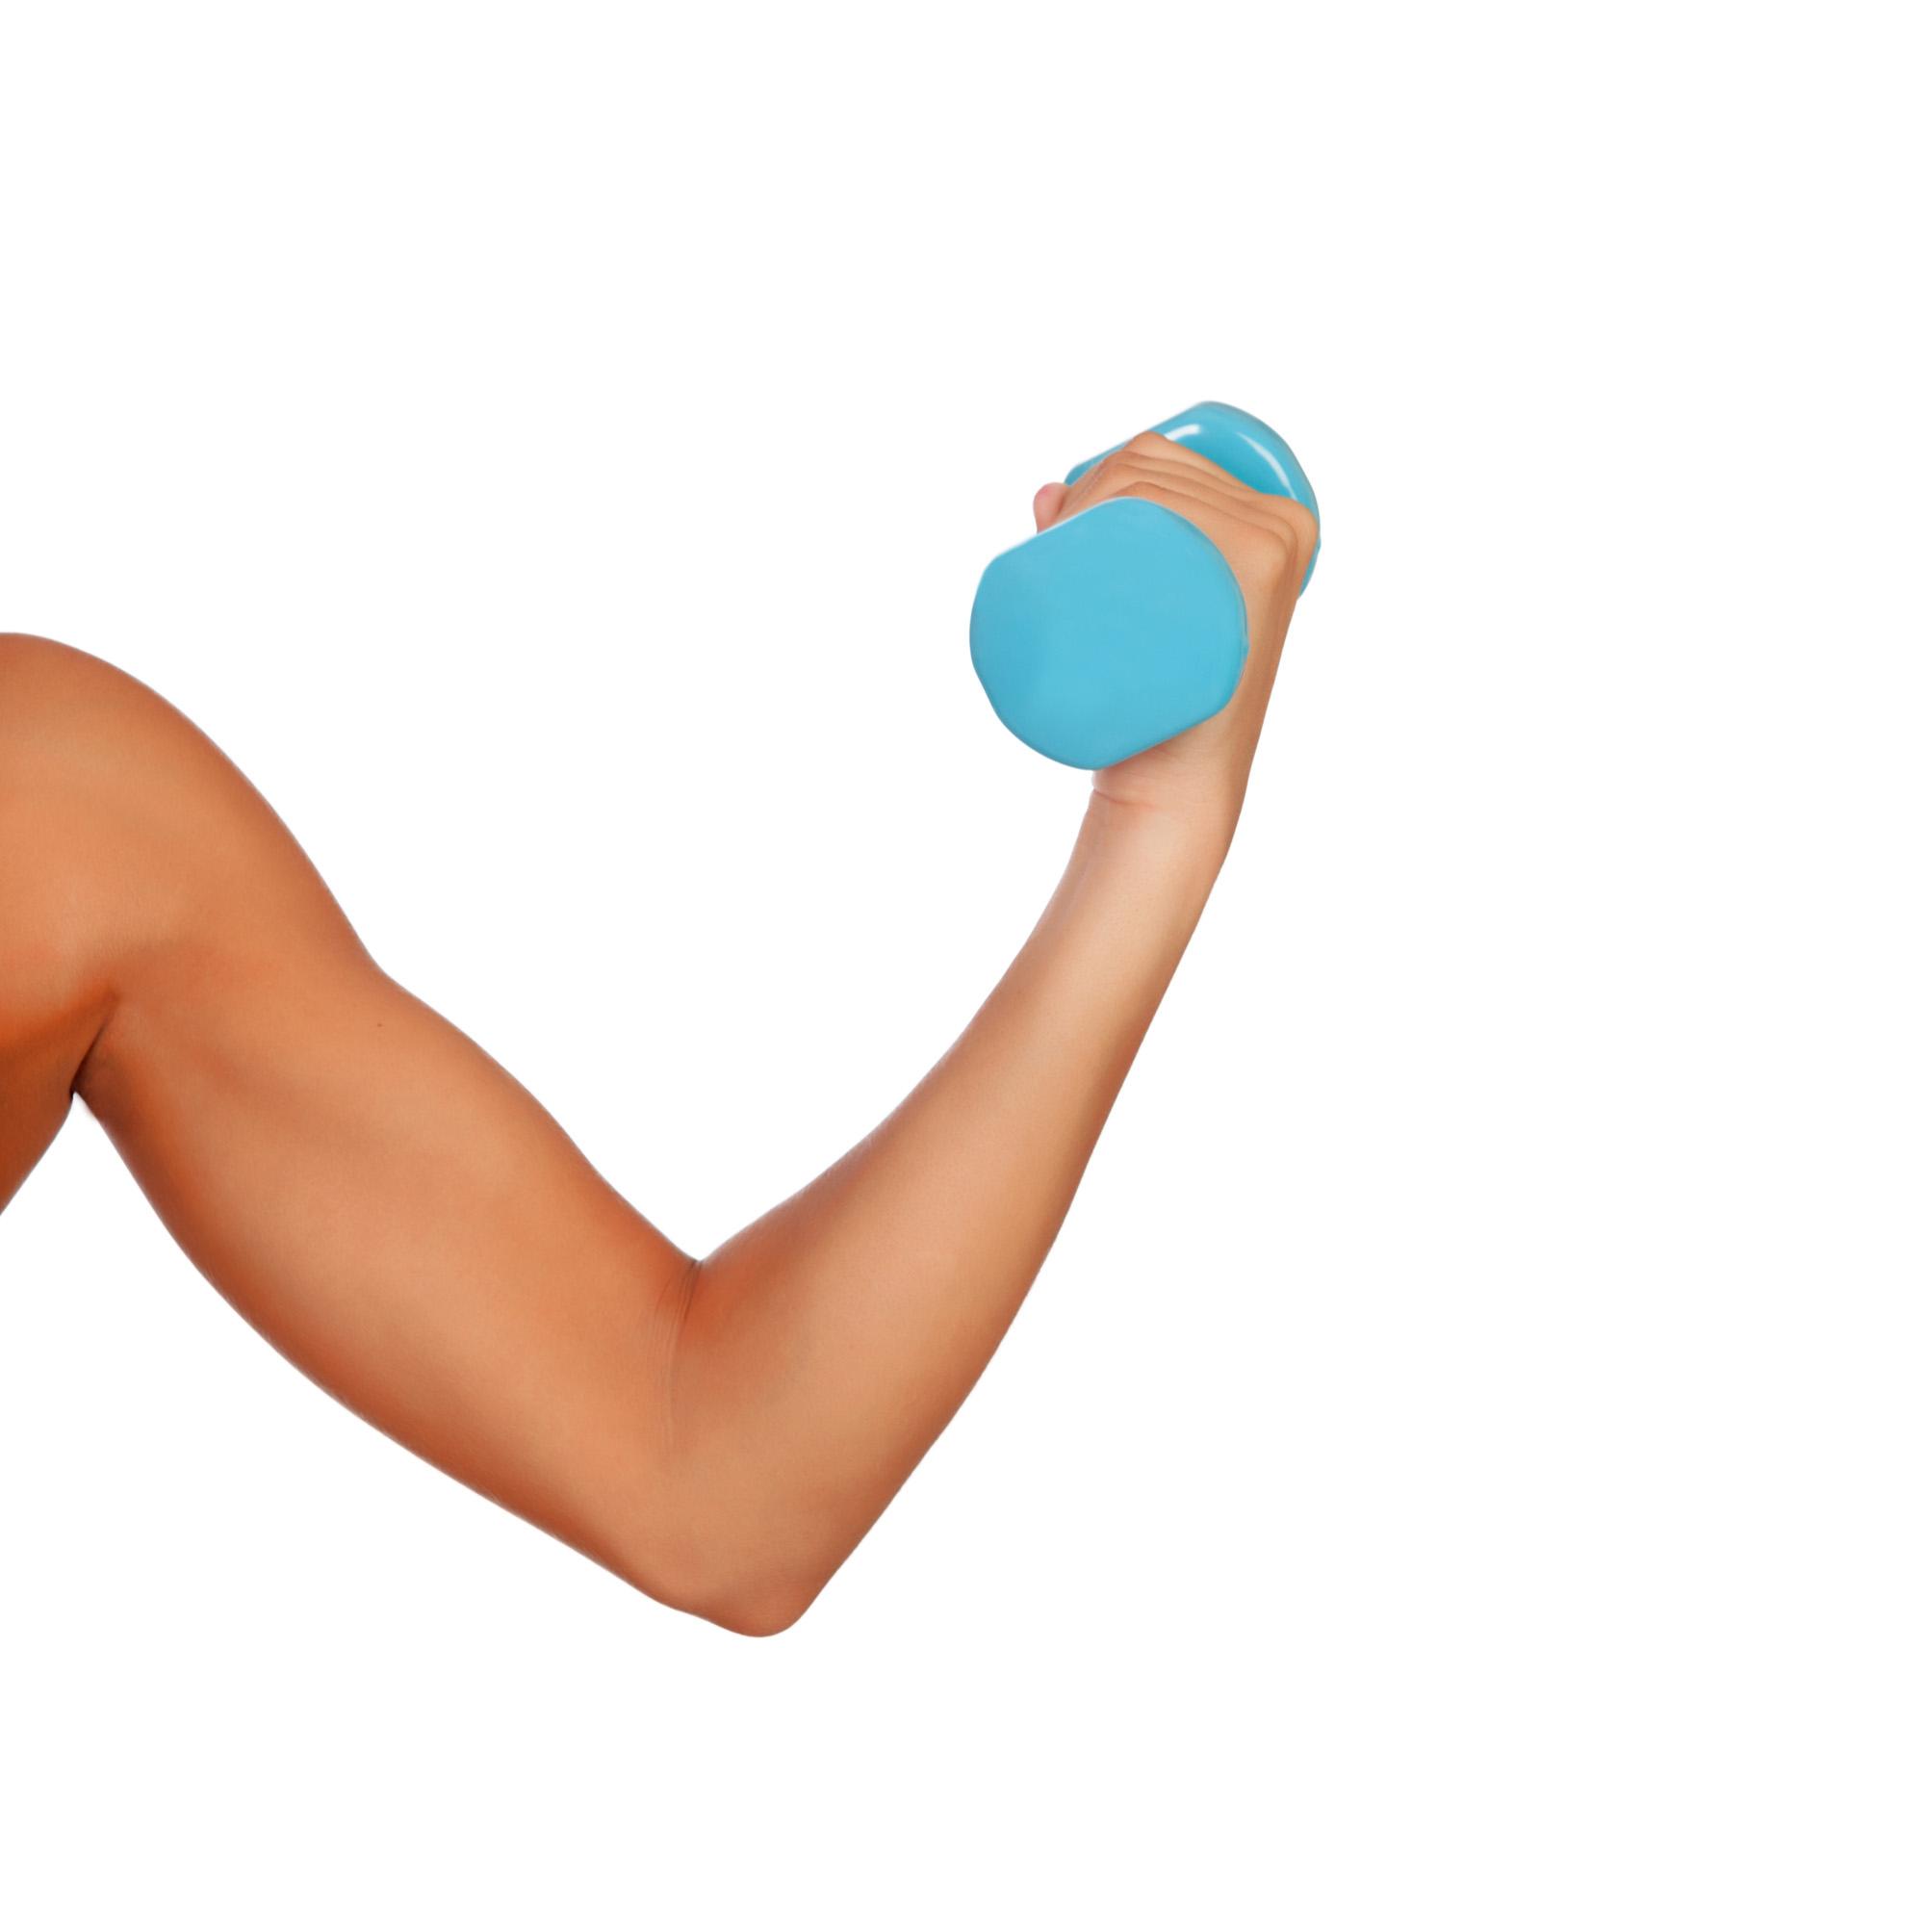 Worksheet Muscles